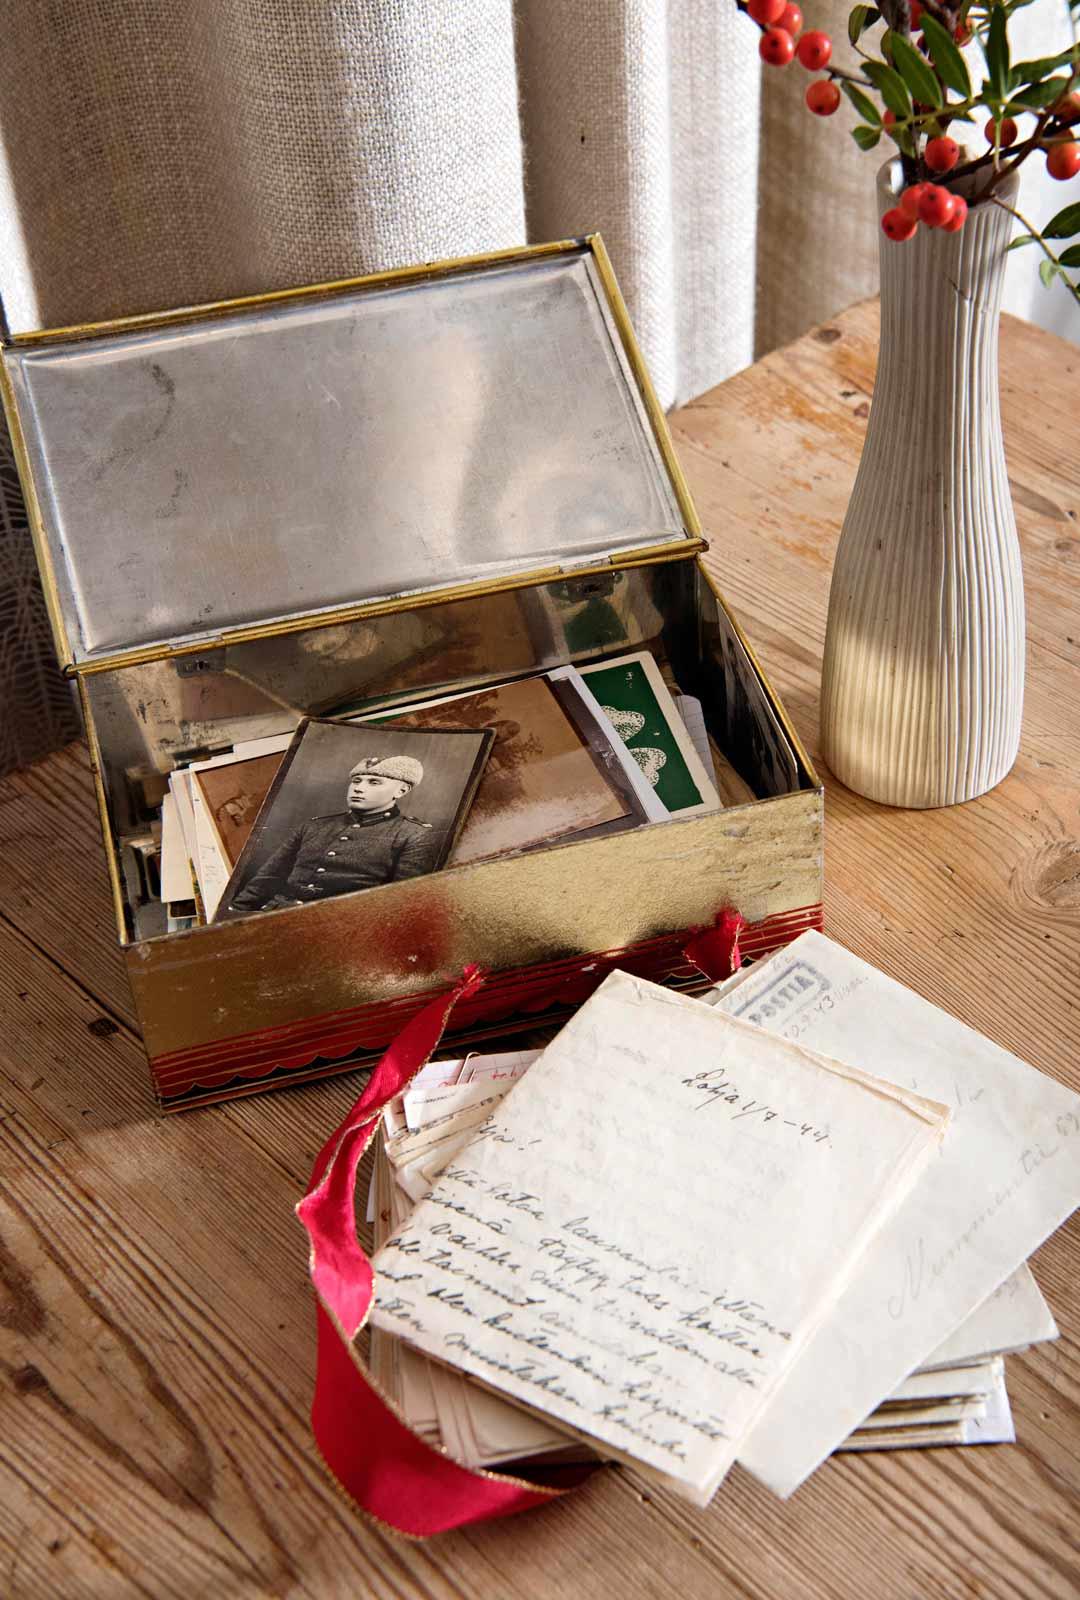 Eila Ileniuksen aarrelaatikossa on lukuisia kirjeitä rintamalta ja sota-aikaisia valokuvia. Postin kulku oli elintärkeää.